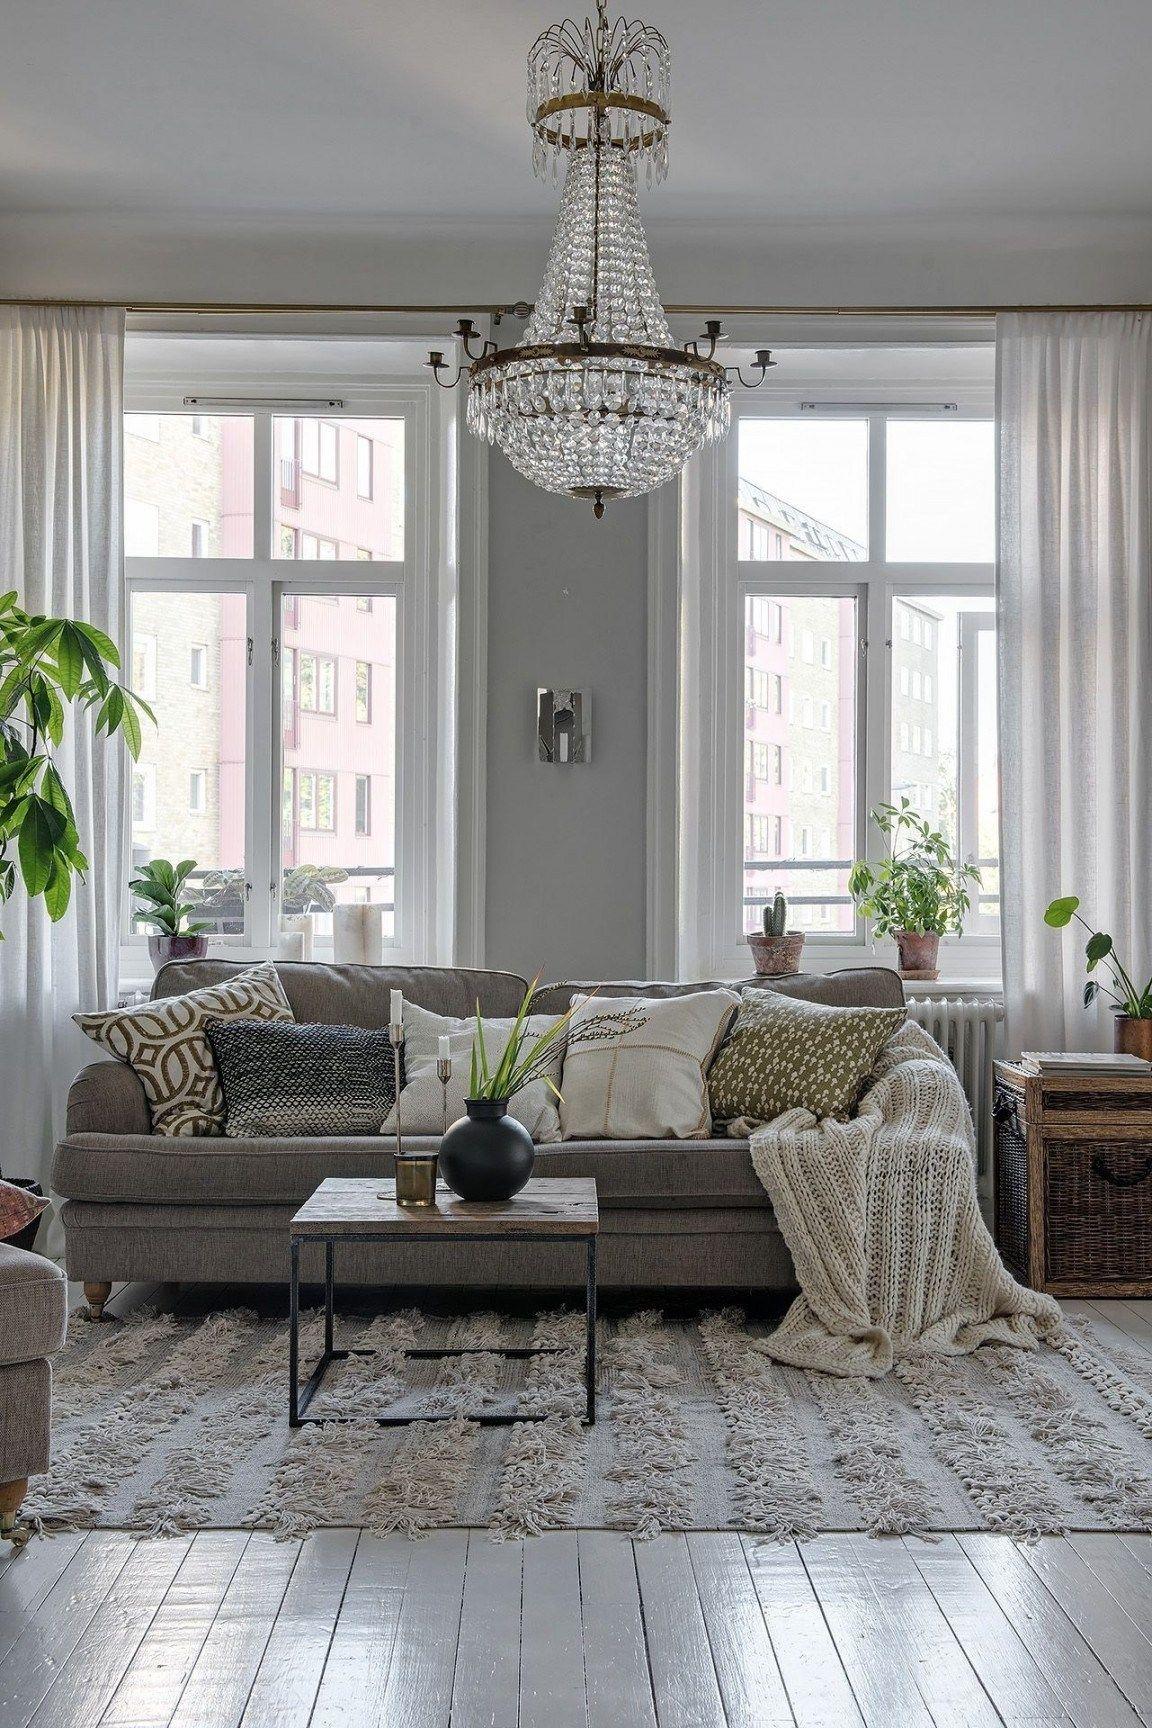 Deko Wohnzimmer Modern Pinterest Haus Ideen Innererfrieden